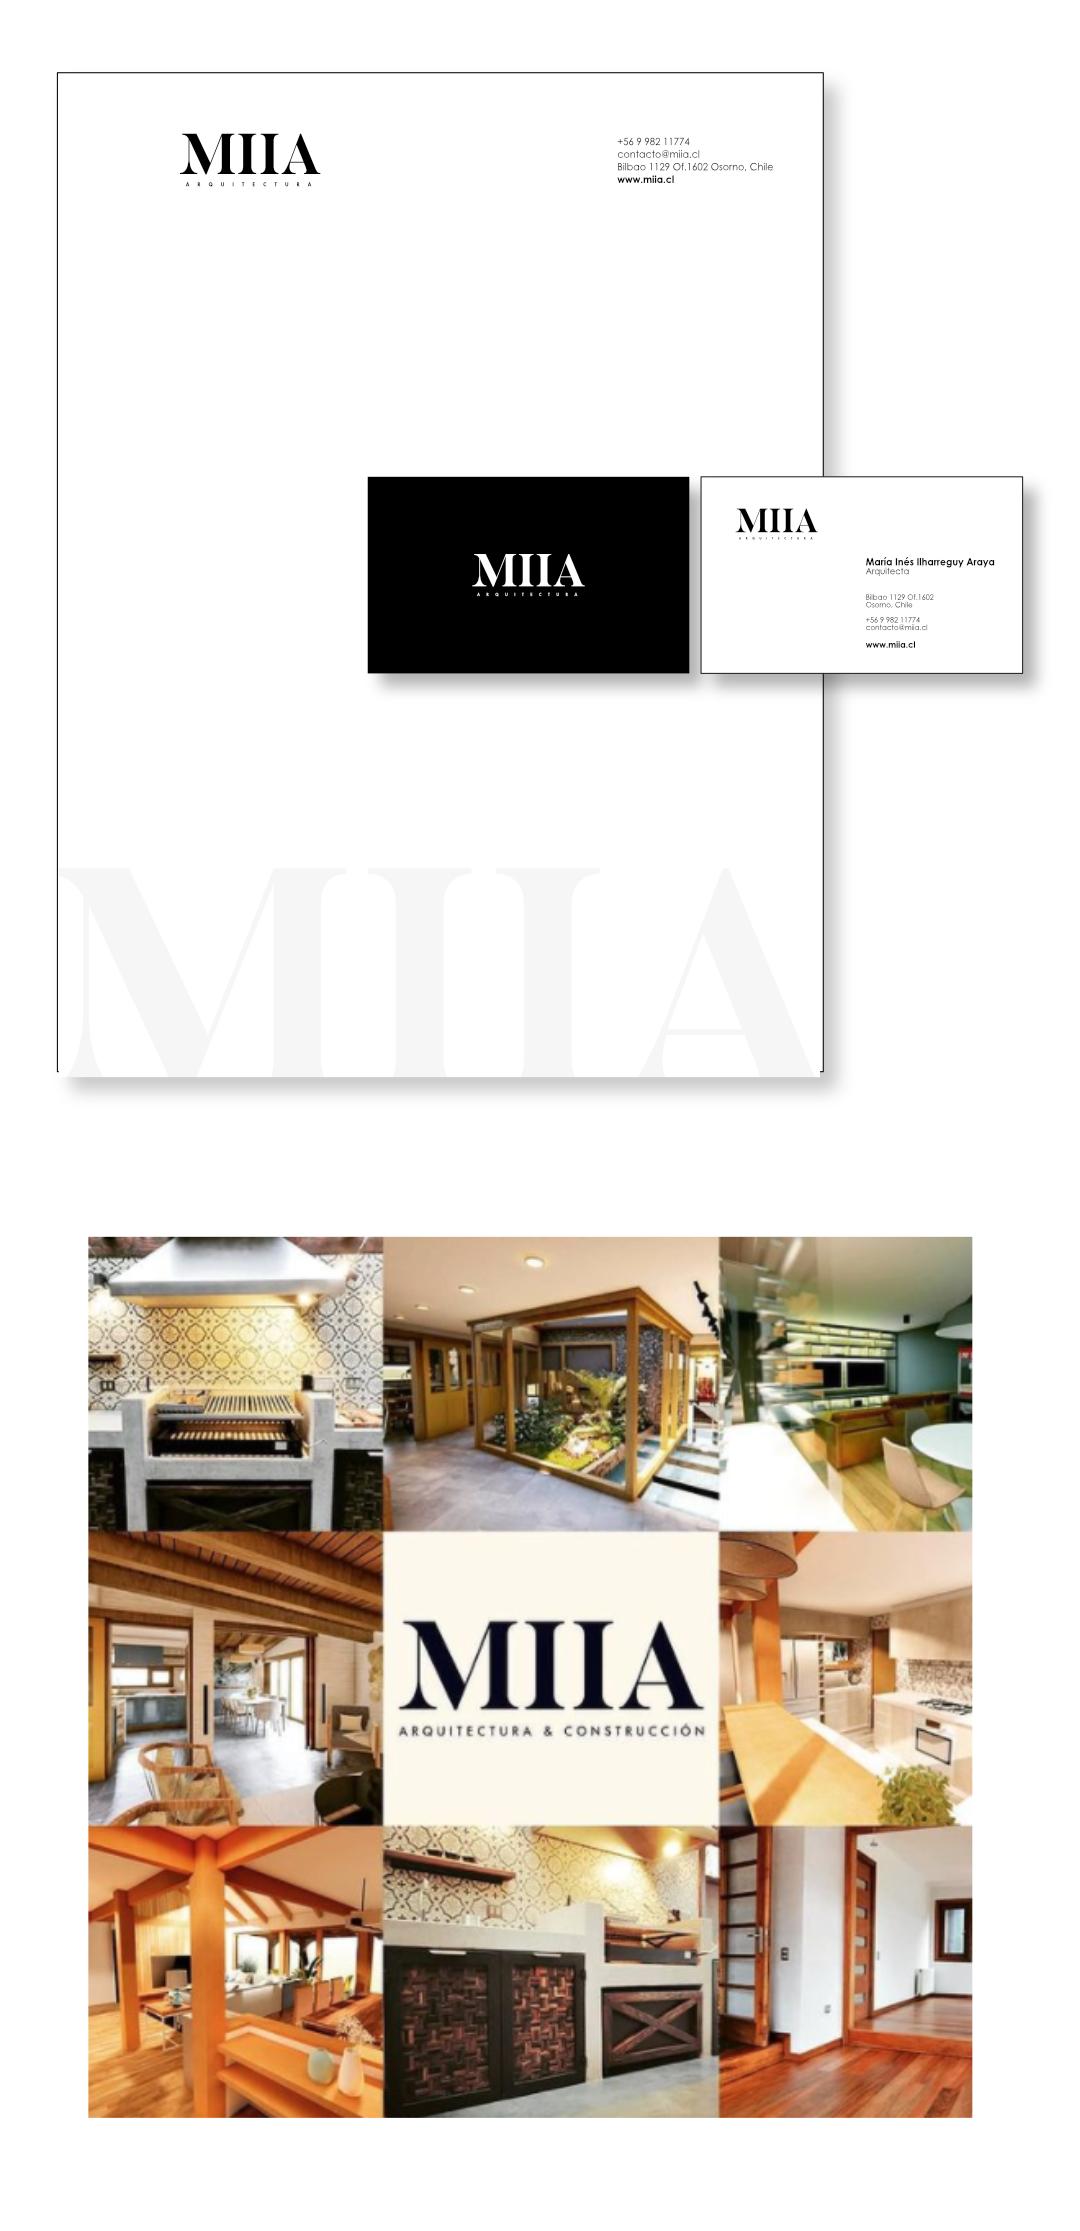 miia-2